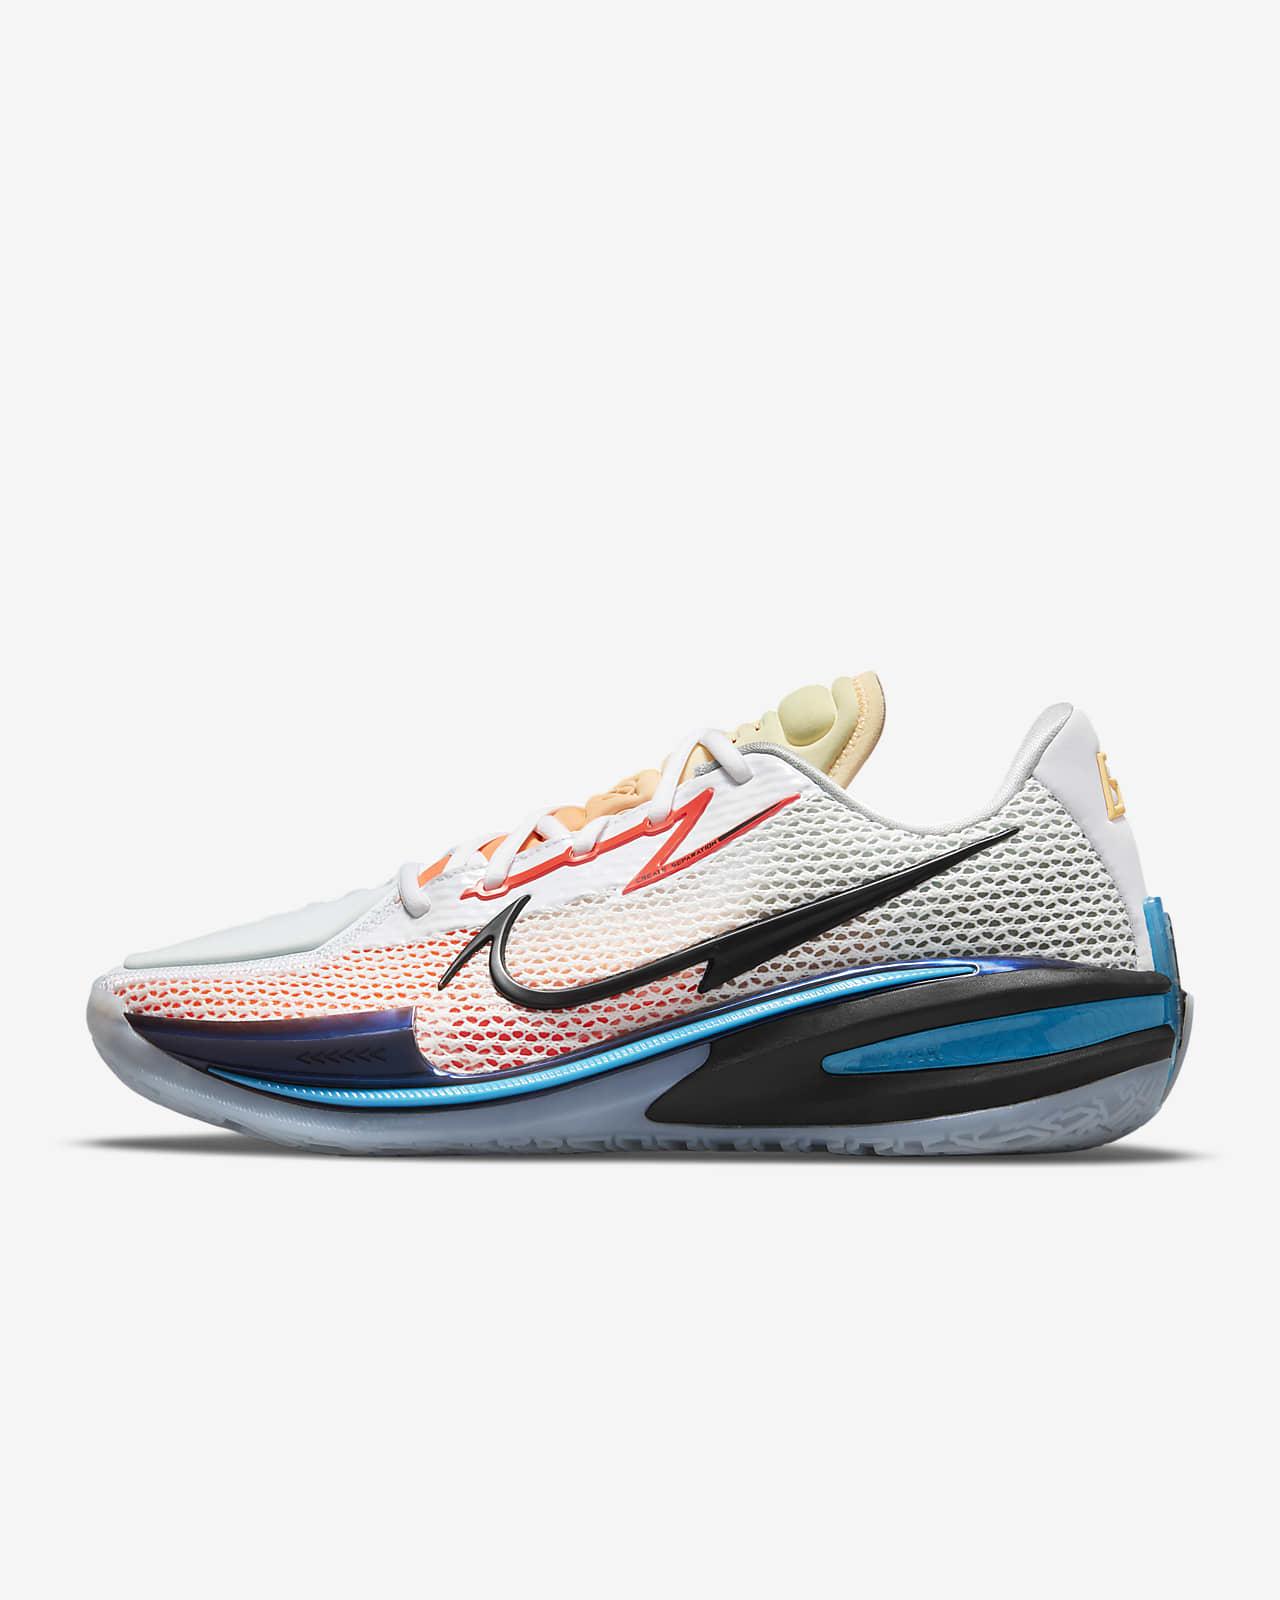 Nike Air Zoom G.T.Cut 籃球鞋